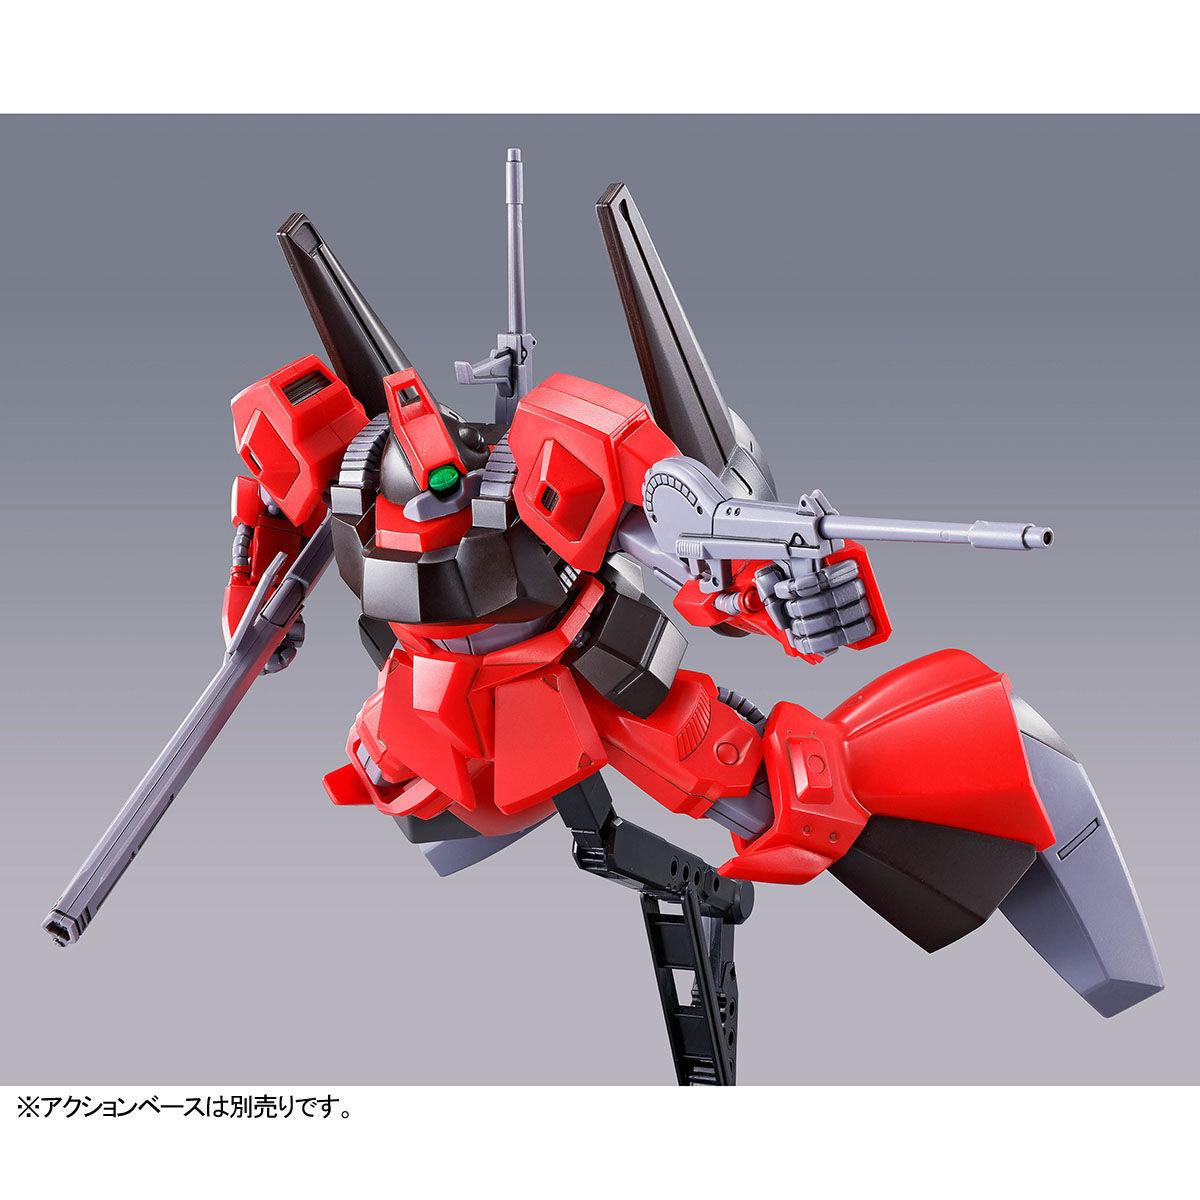 HG リック・ディアス(クワトロ・バジーナ機)09